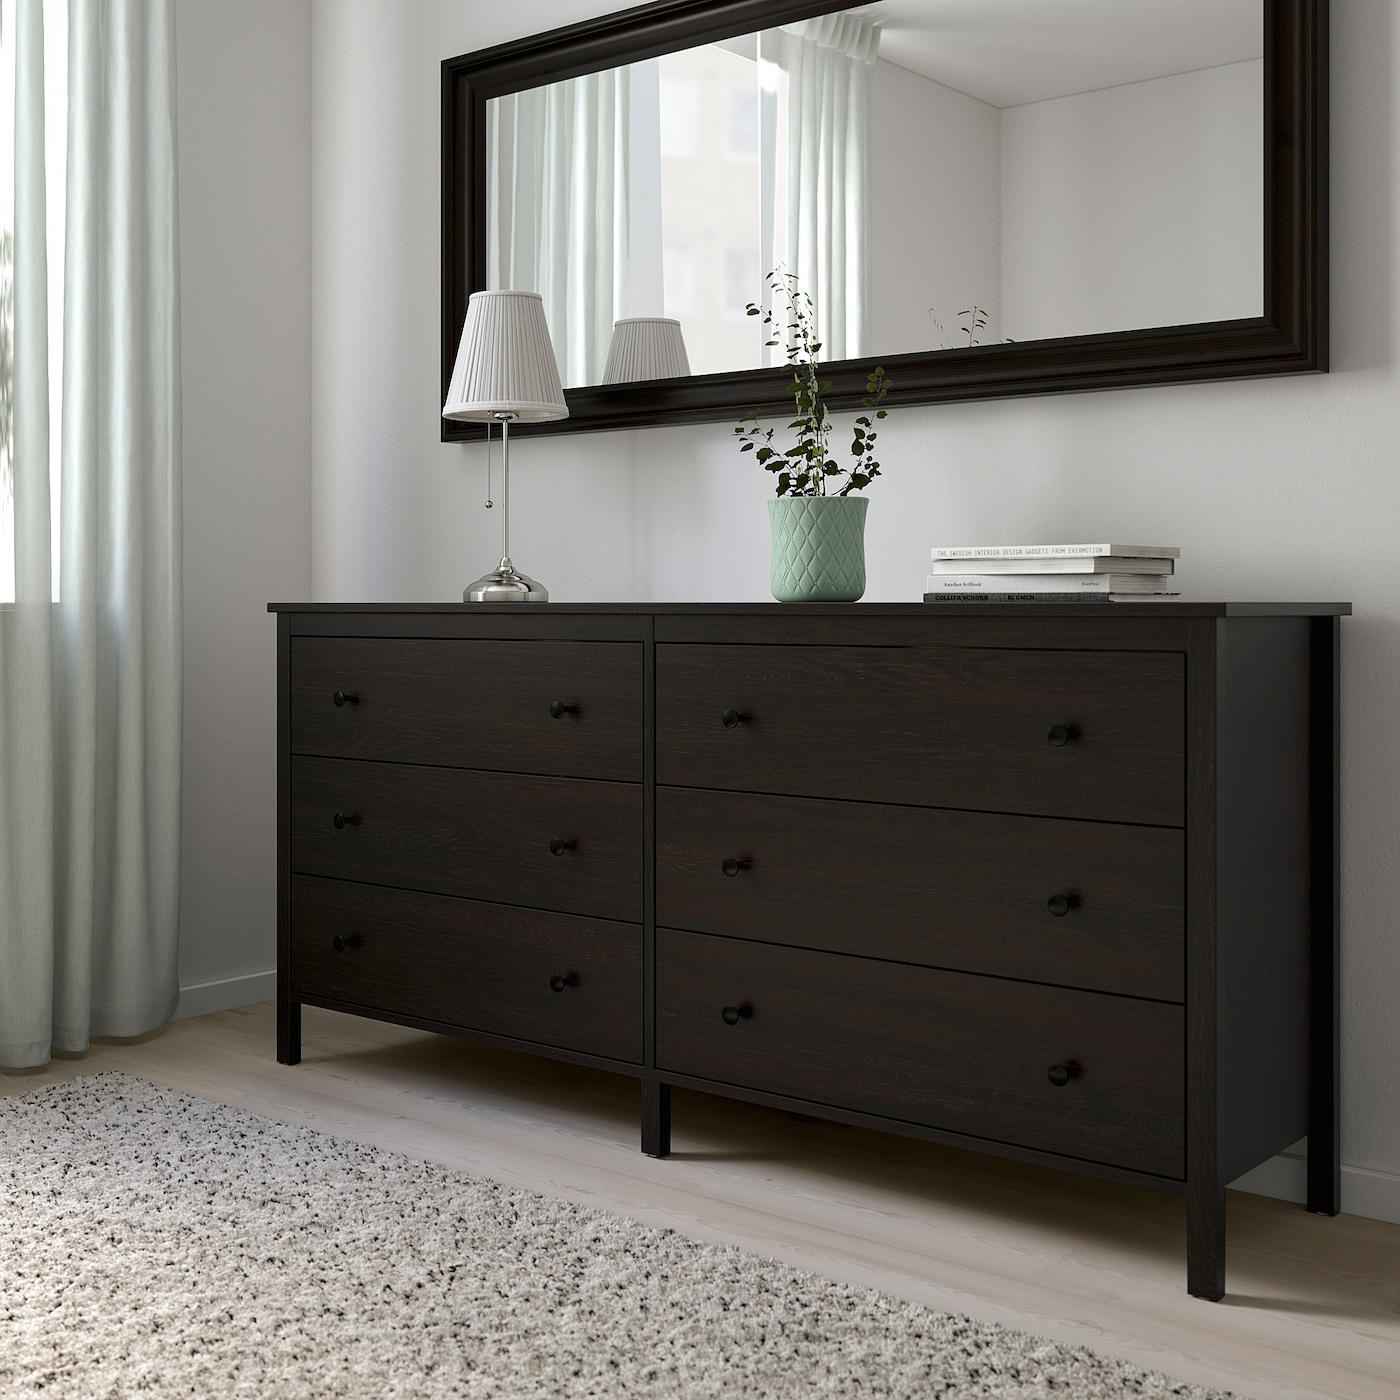 Koppang 6 Drawer Dresser Black Brown